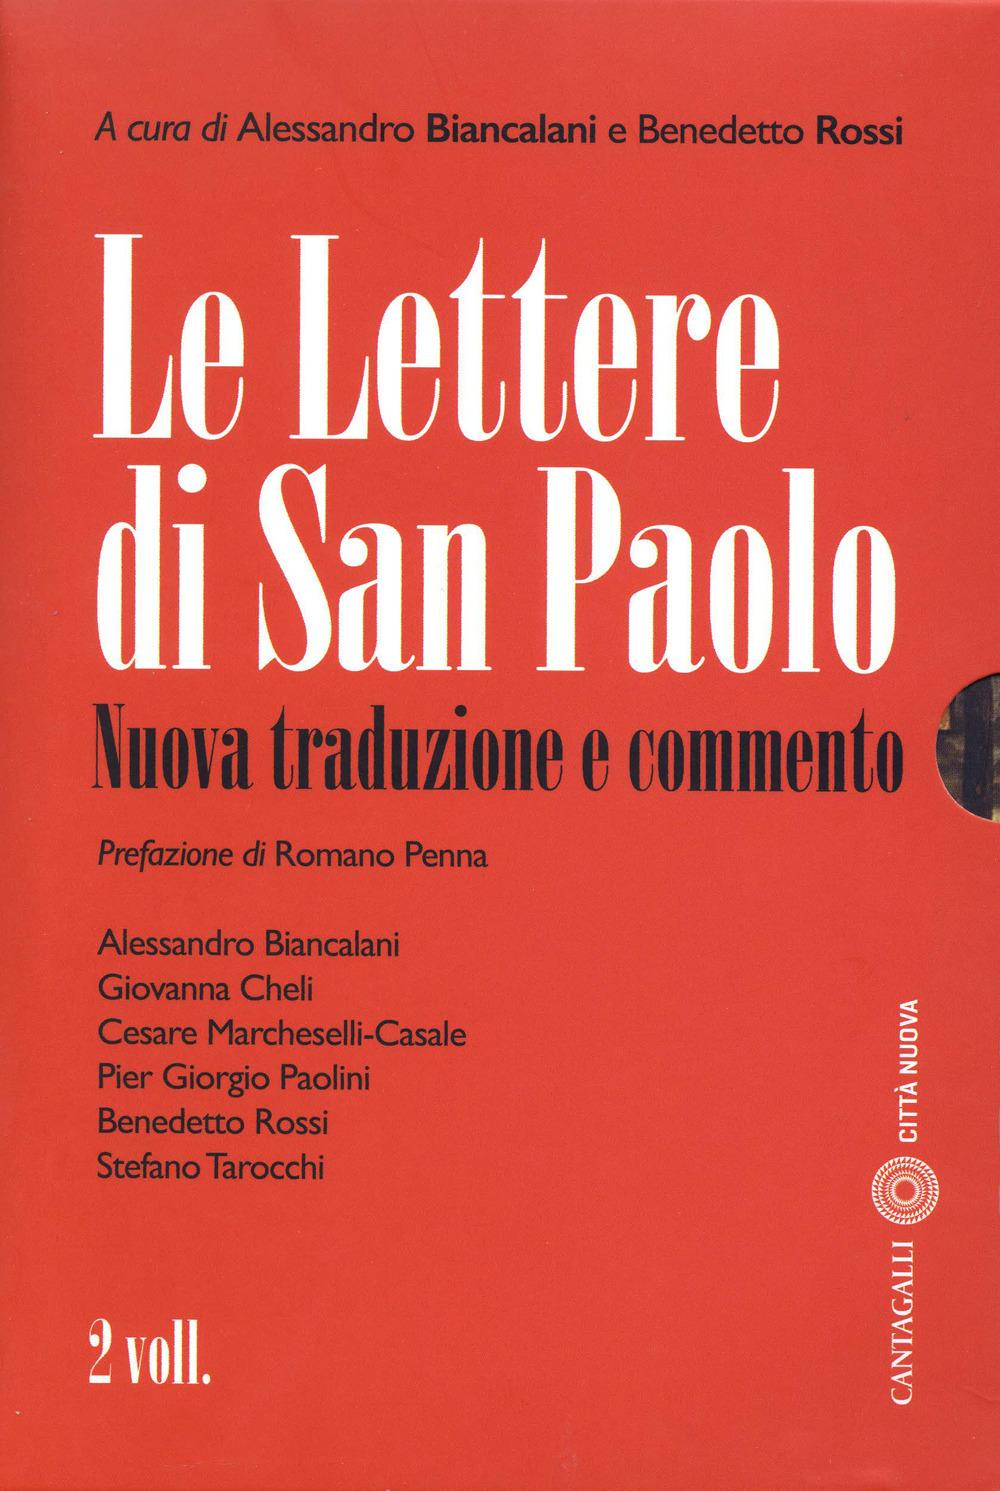 Le Le lettere di San Paolo. Nuova traduzione e commento